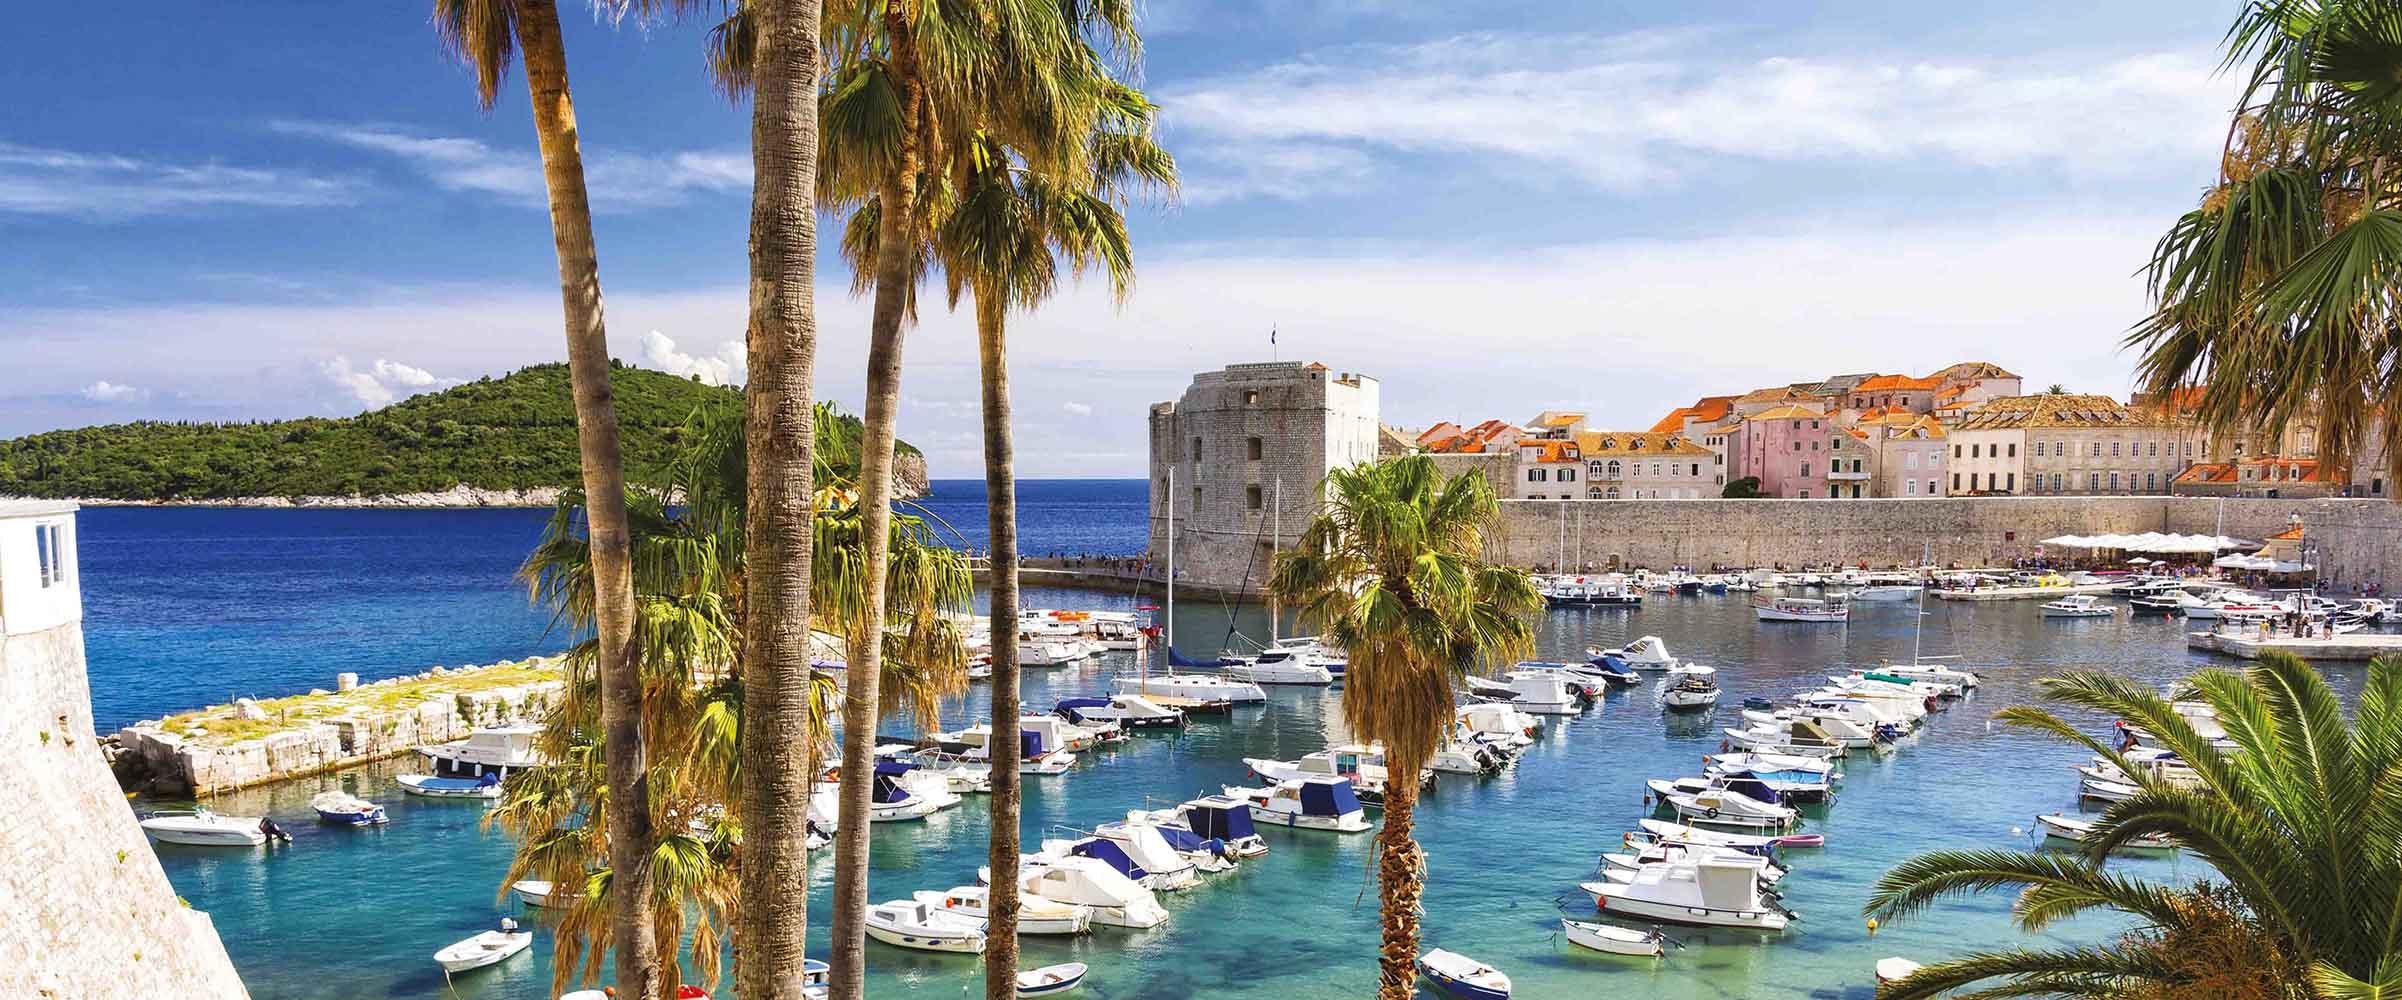 Circuit en Croatie, Séjours en Croatie, Cap Vers l'Est, Croatie, Balkans, Danube